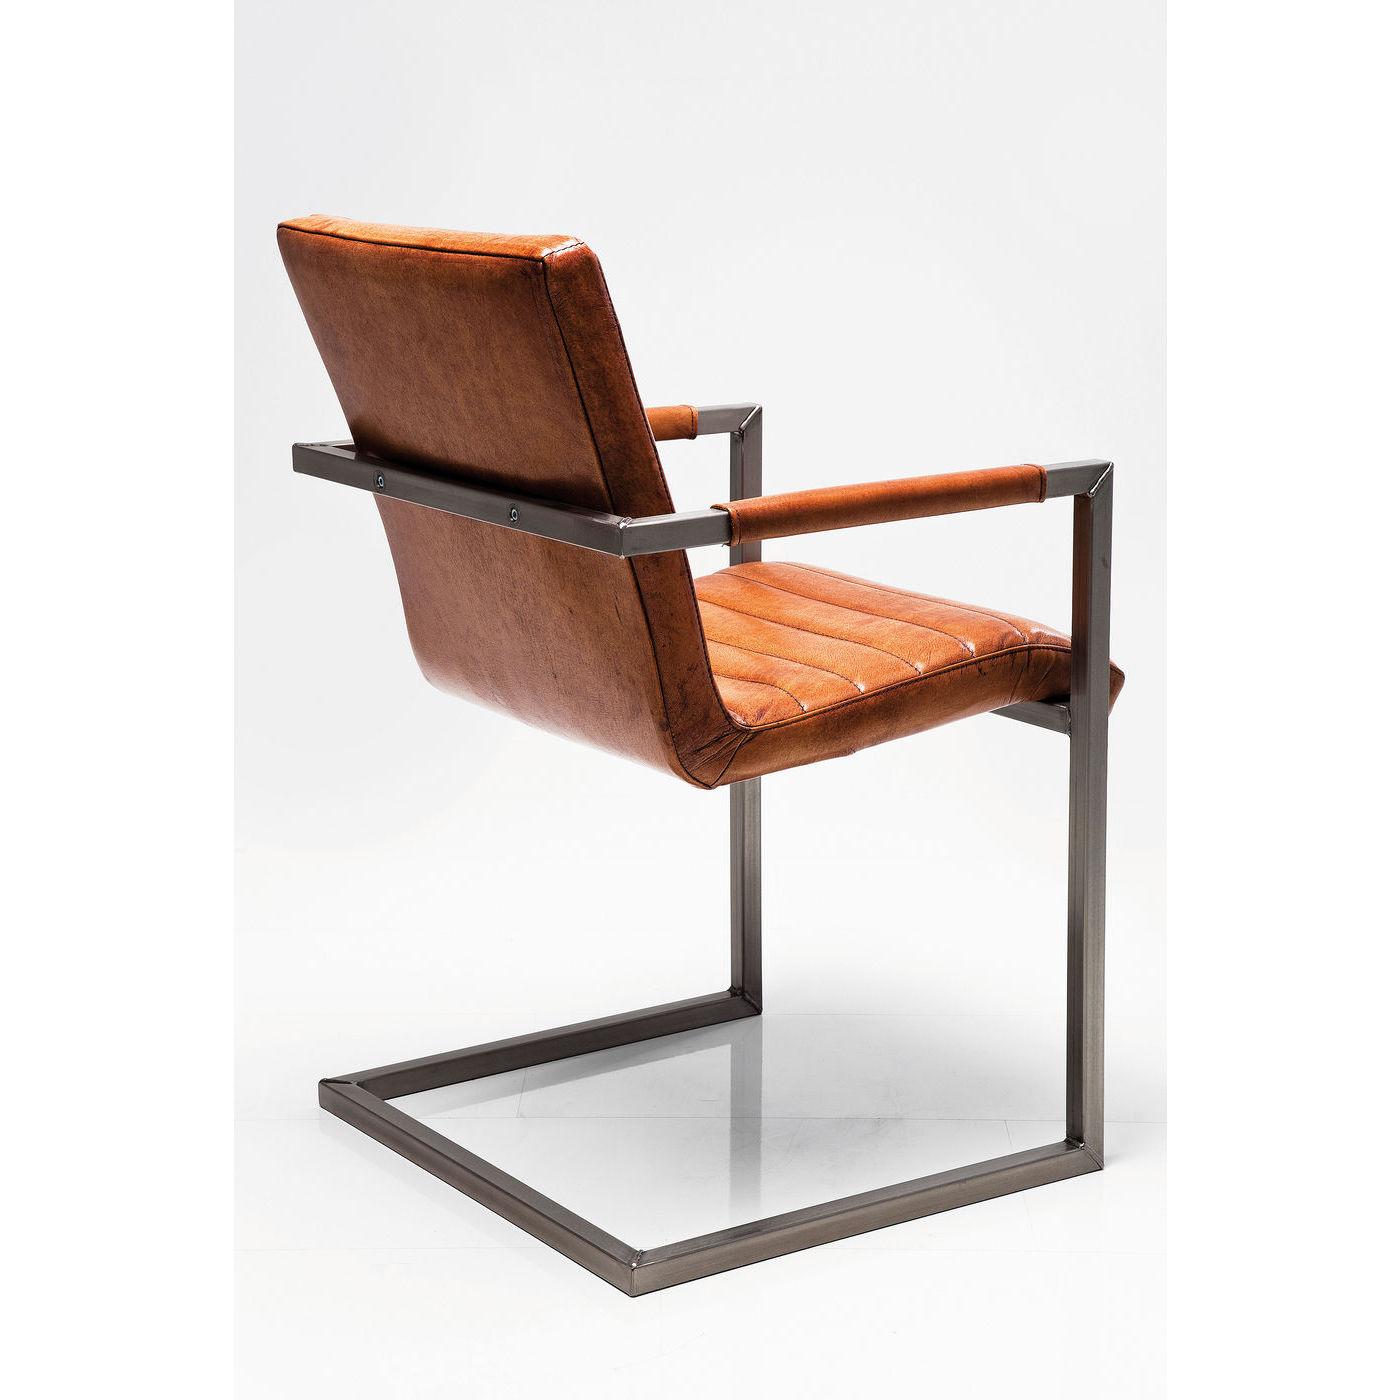 Stuhl freischwinger schwingstuhl b rostuhl armlehnstuhl - Kare design stuhl ...